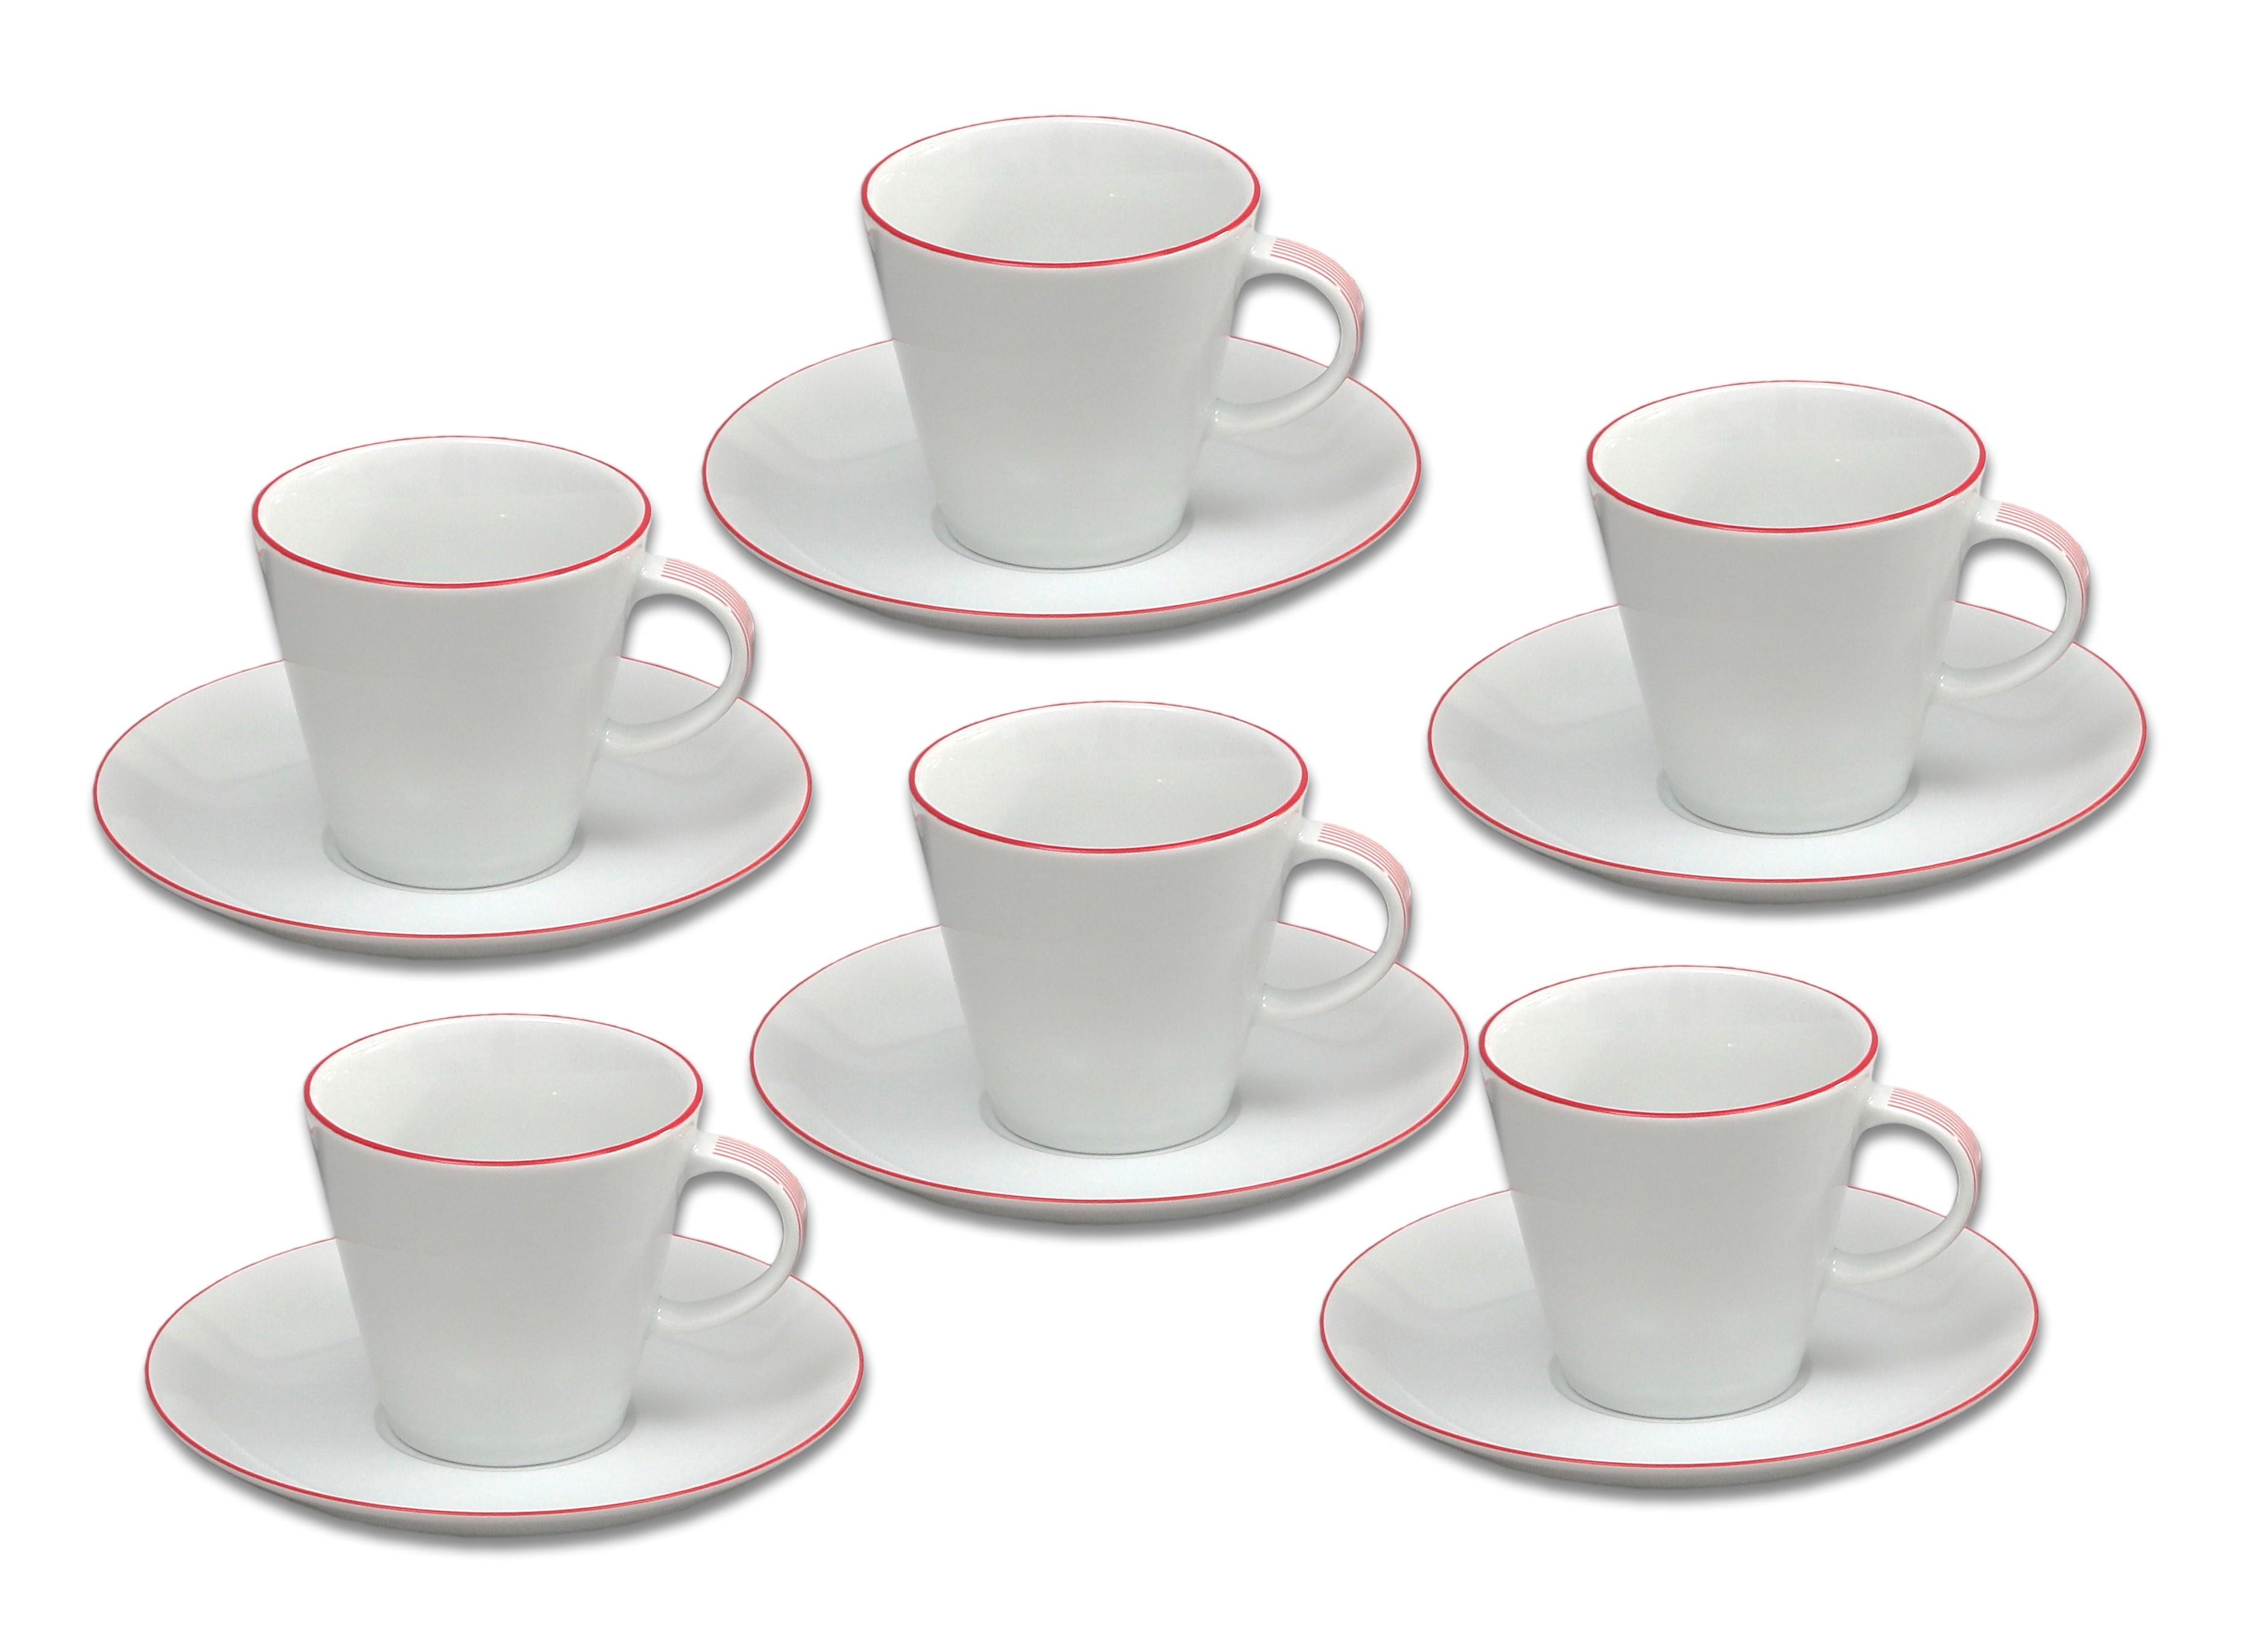 Šapo kávové (135) Tom 2996500 červená linka